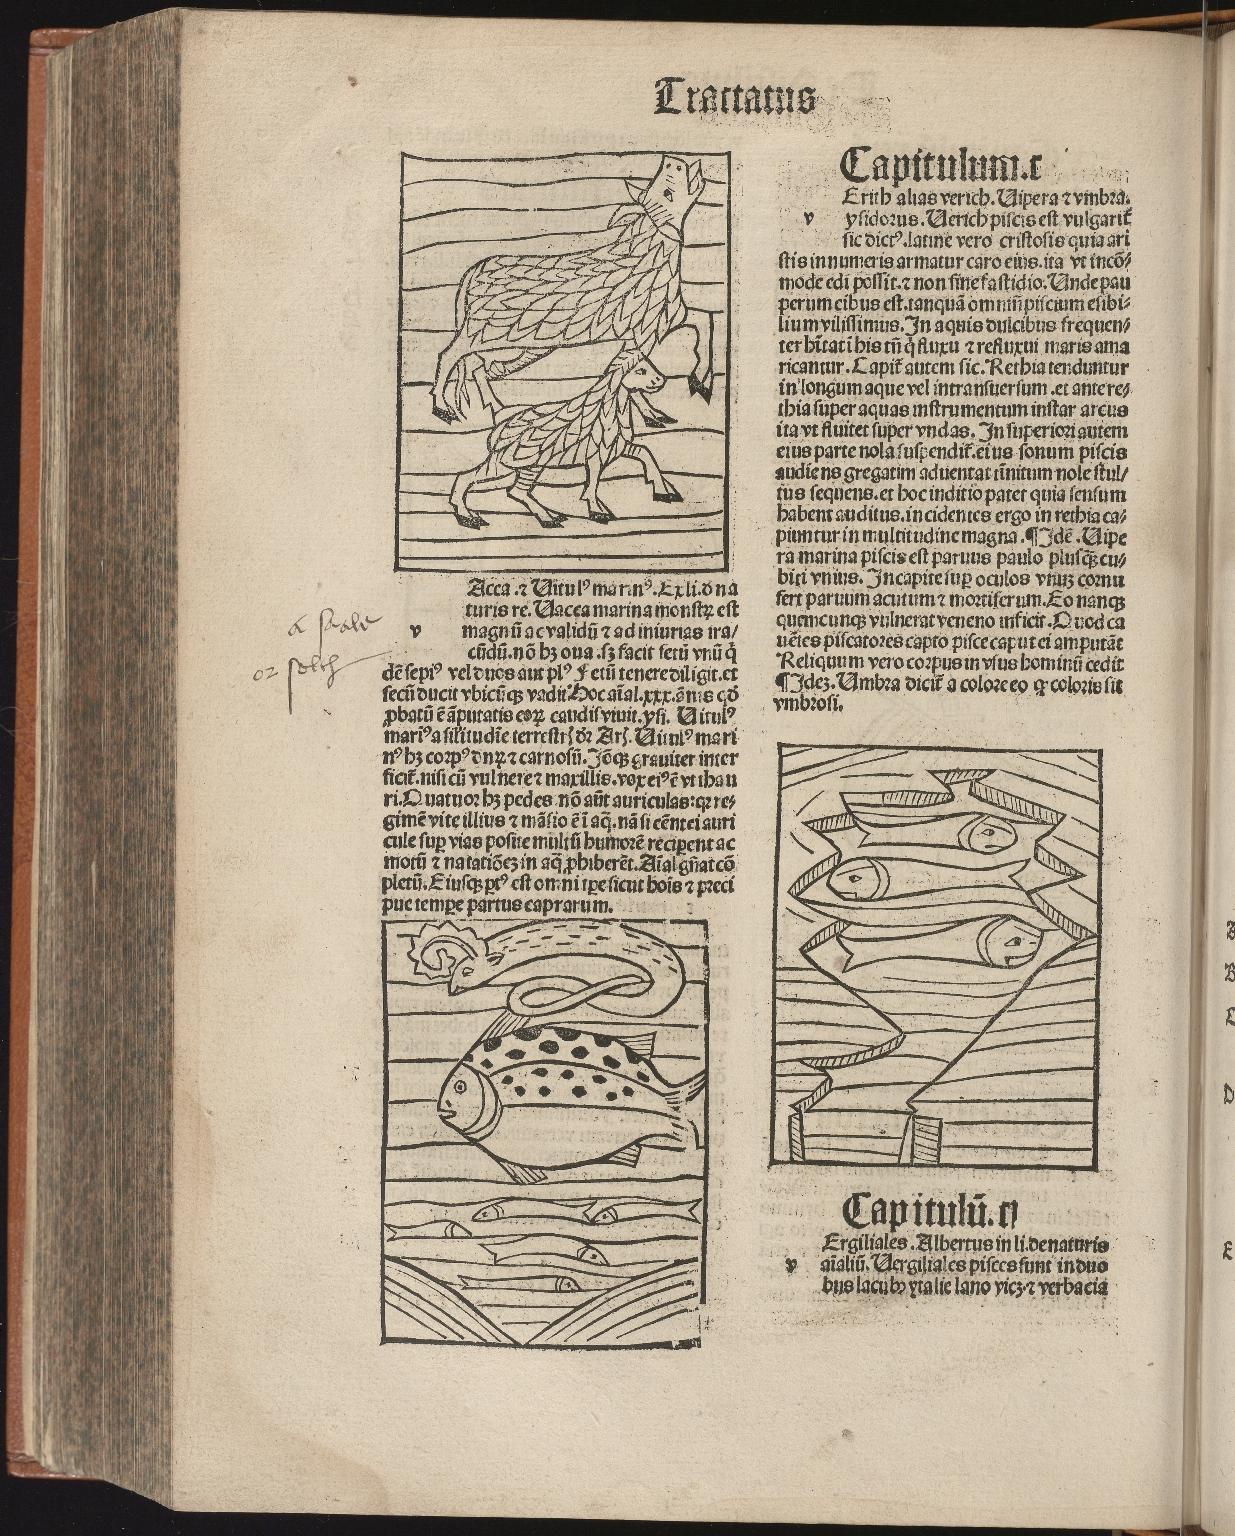 Hortus sanitatis, Fol.295 verso